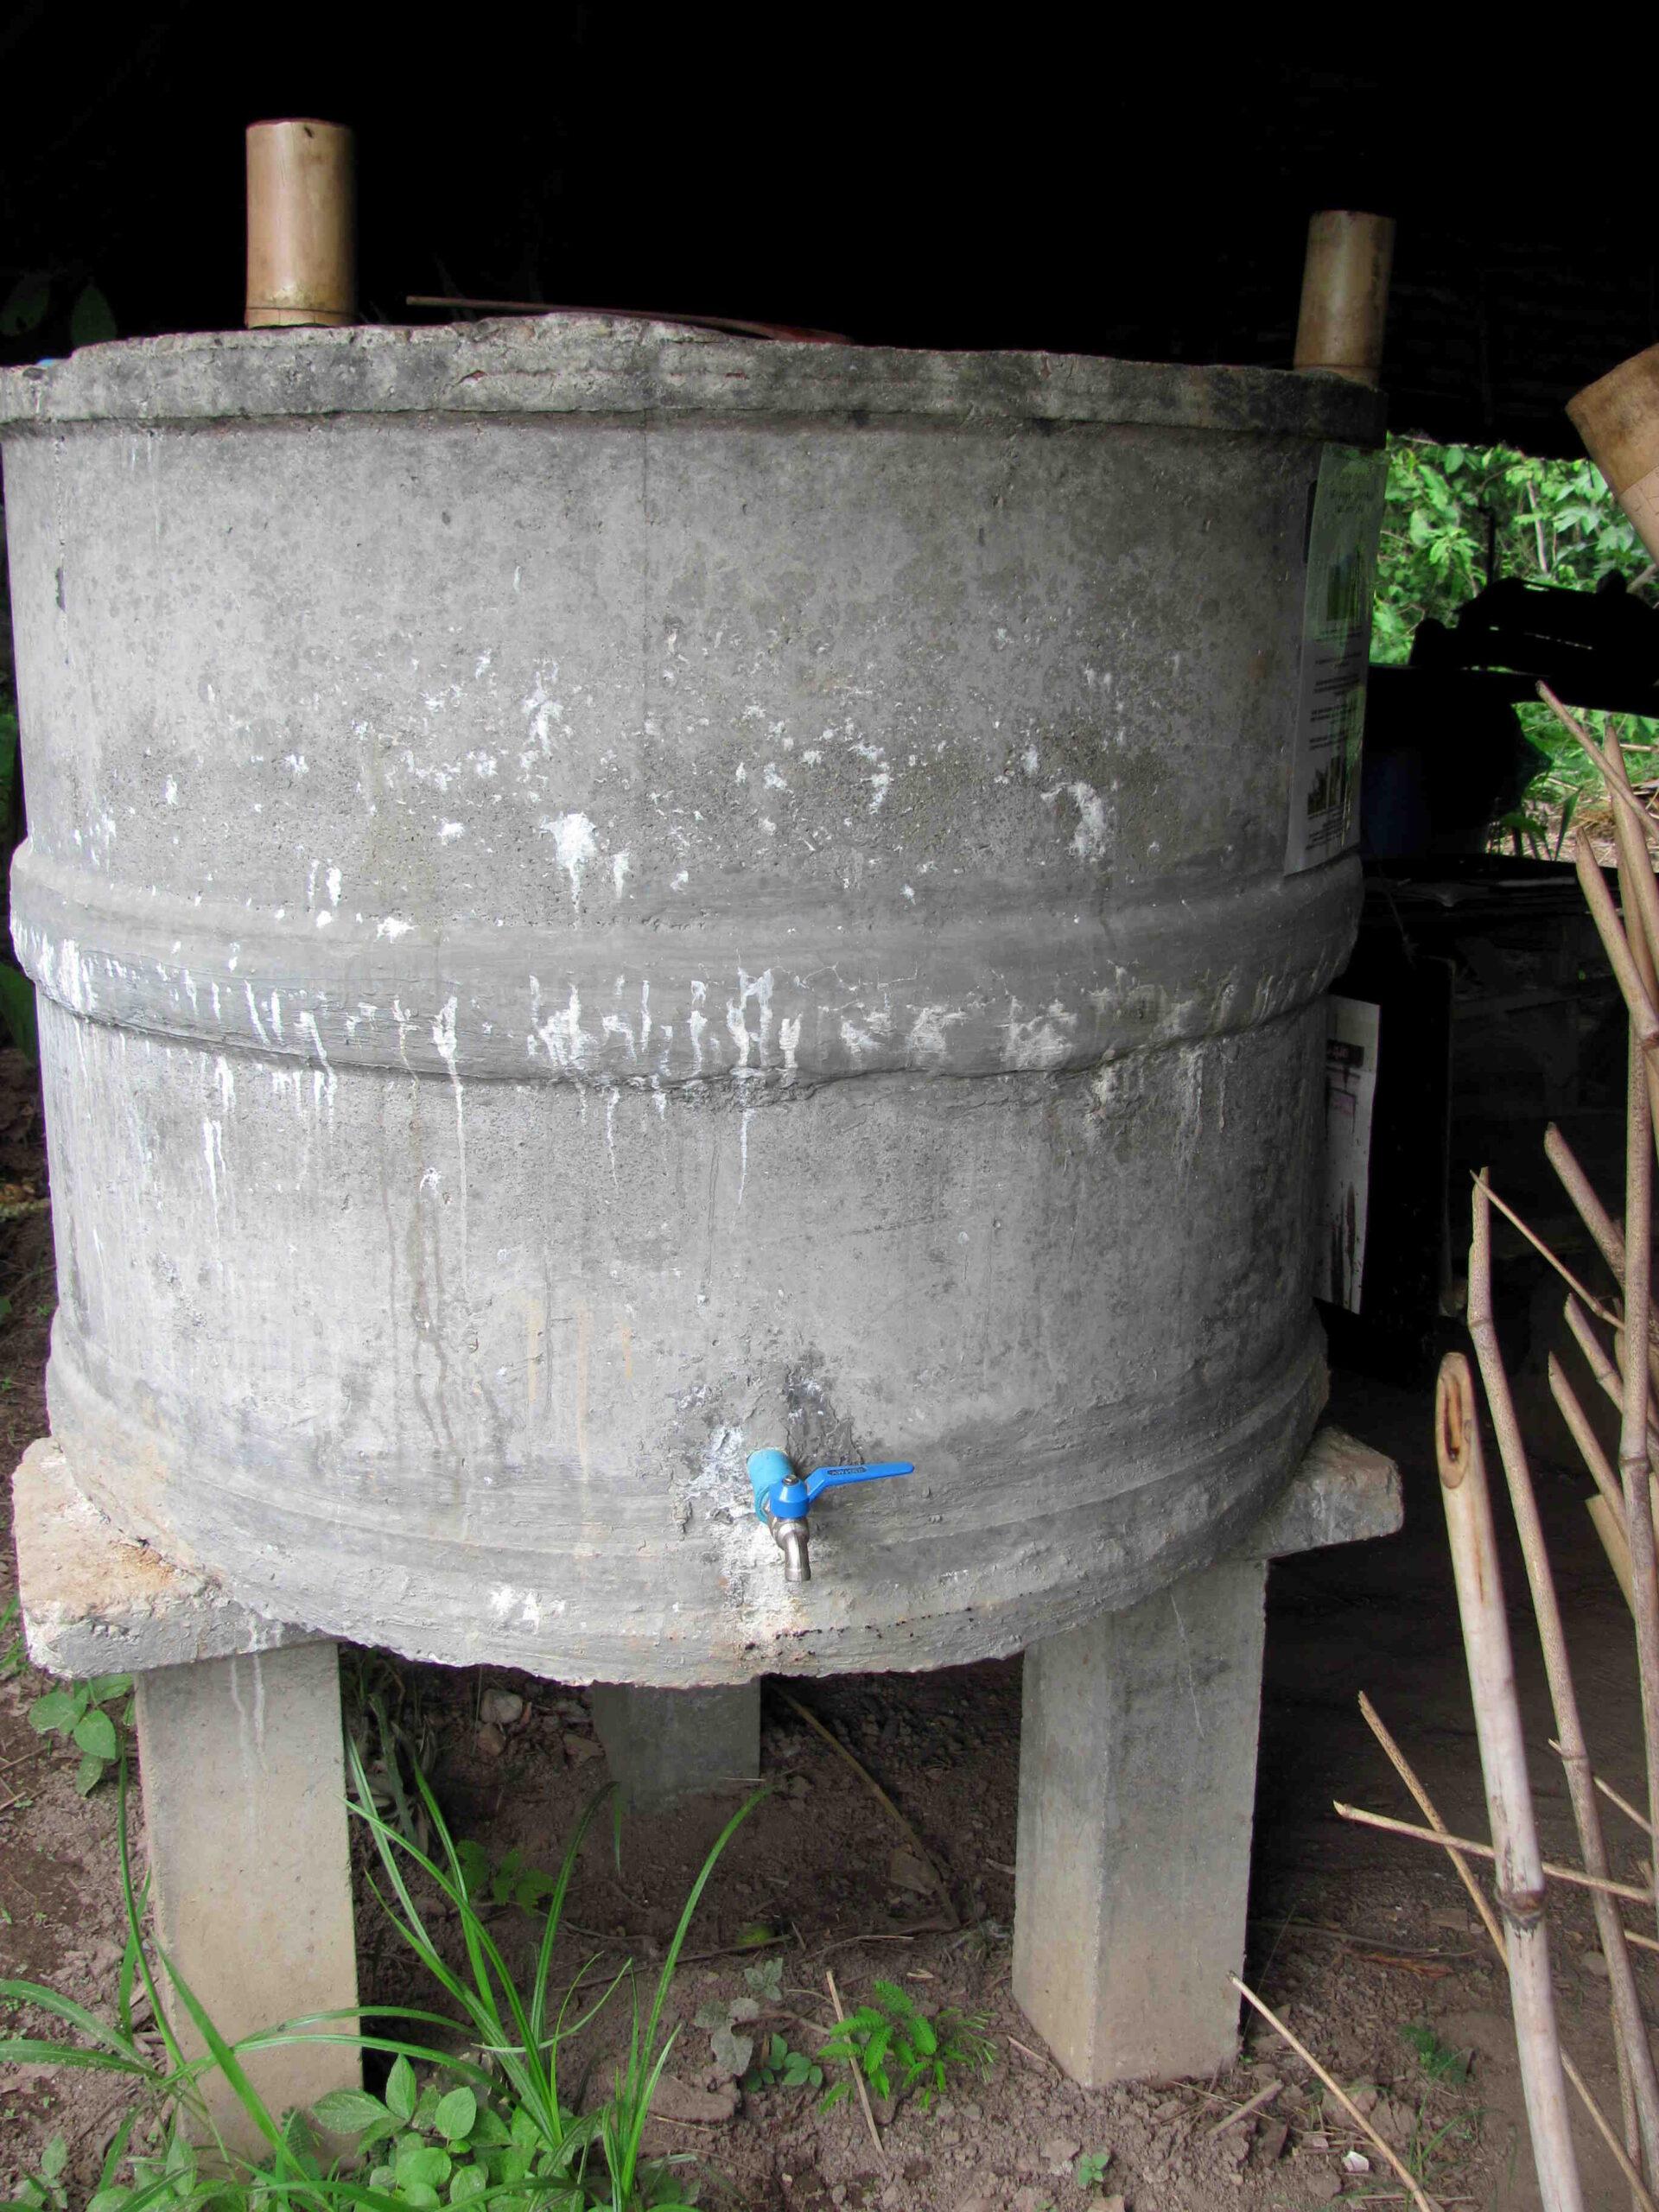 L'eau de pluie est-elle potable?